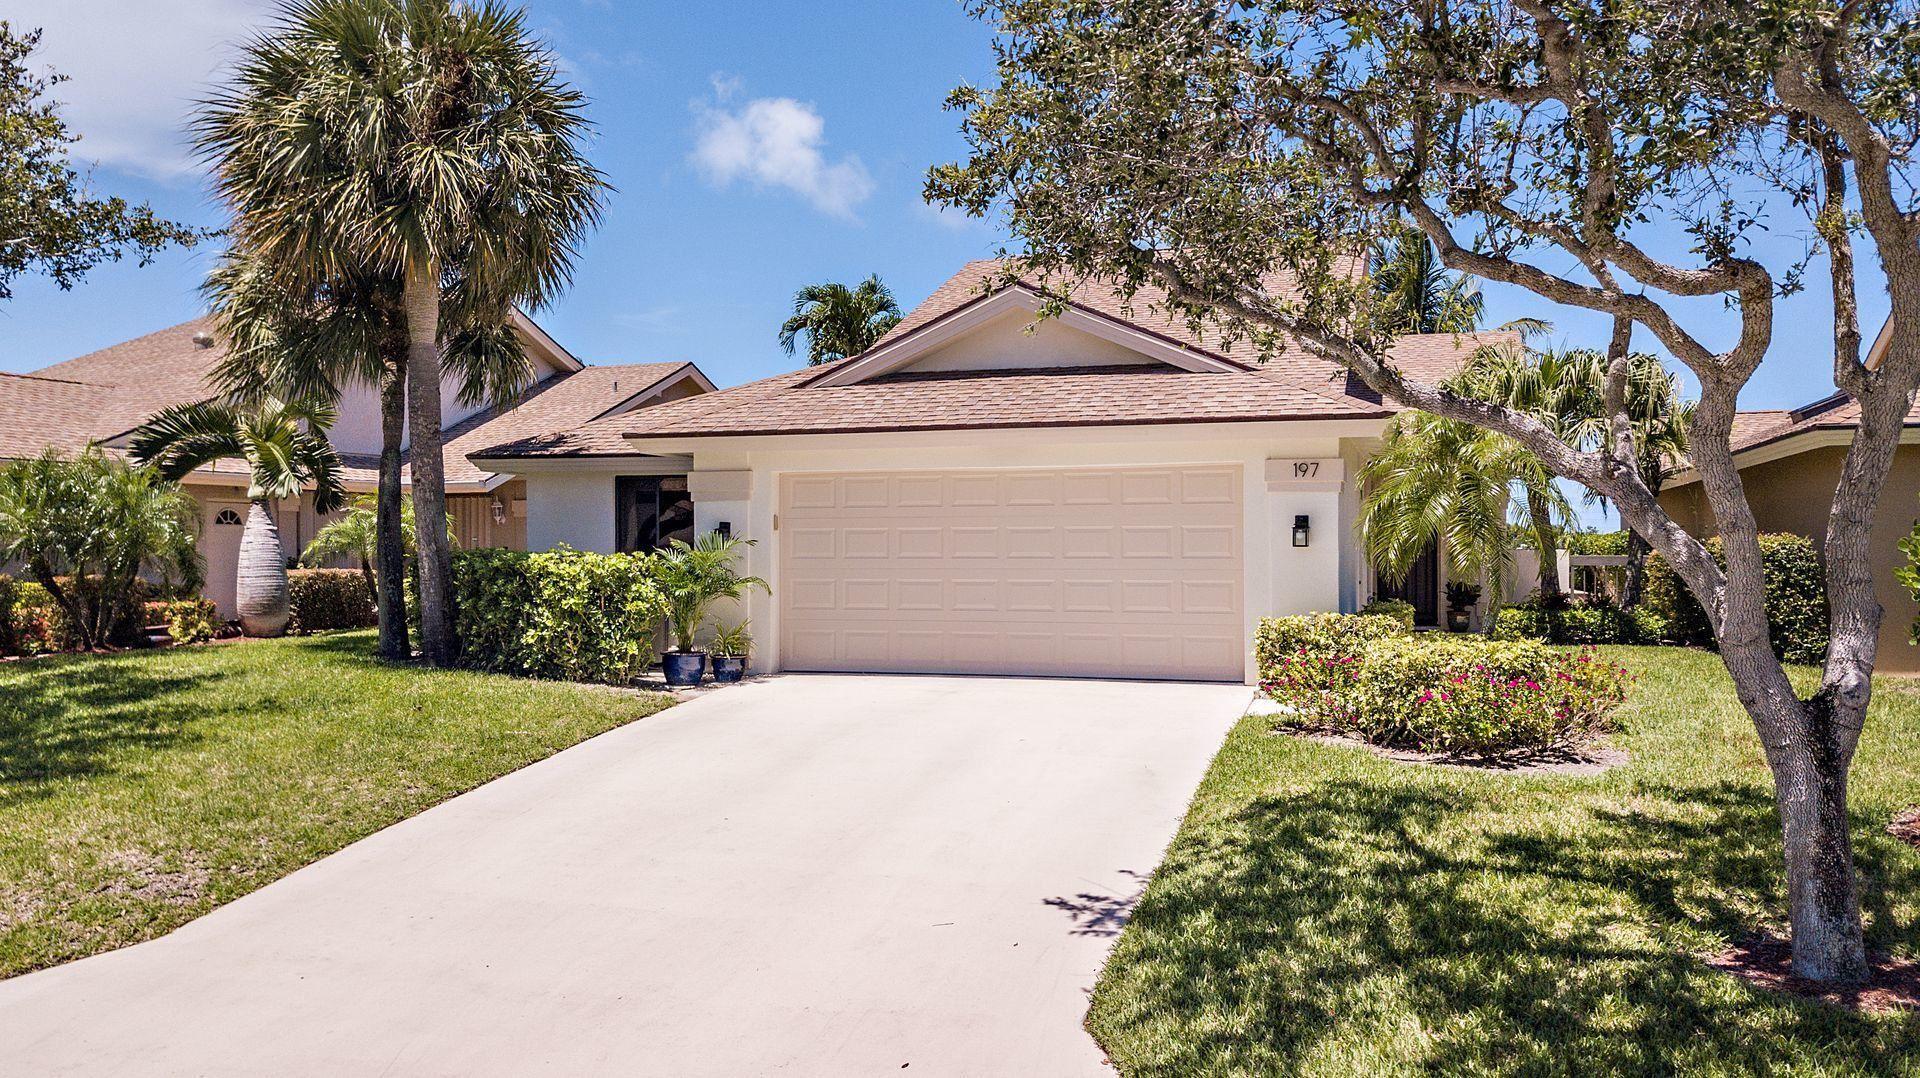 Photo of 197 Ridge Road, Jupiter, FL 33477 (MLS # RX-10732833)